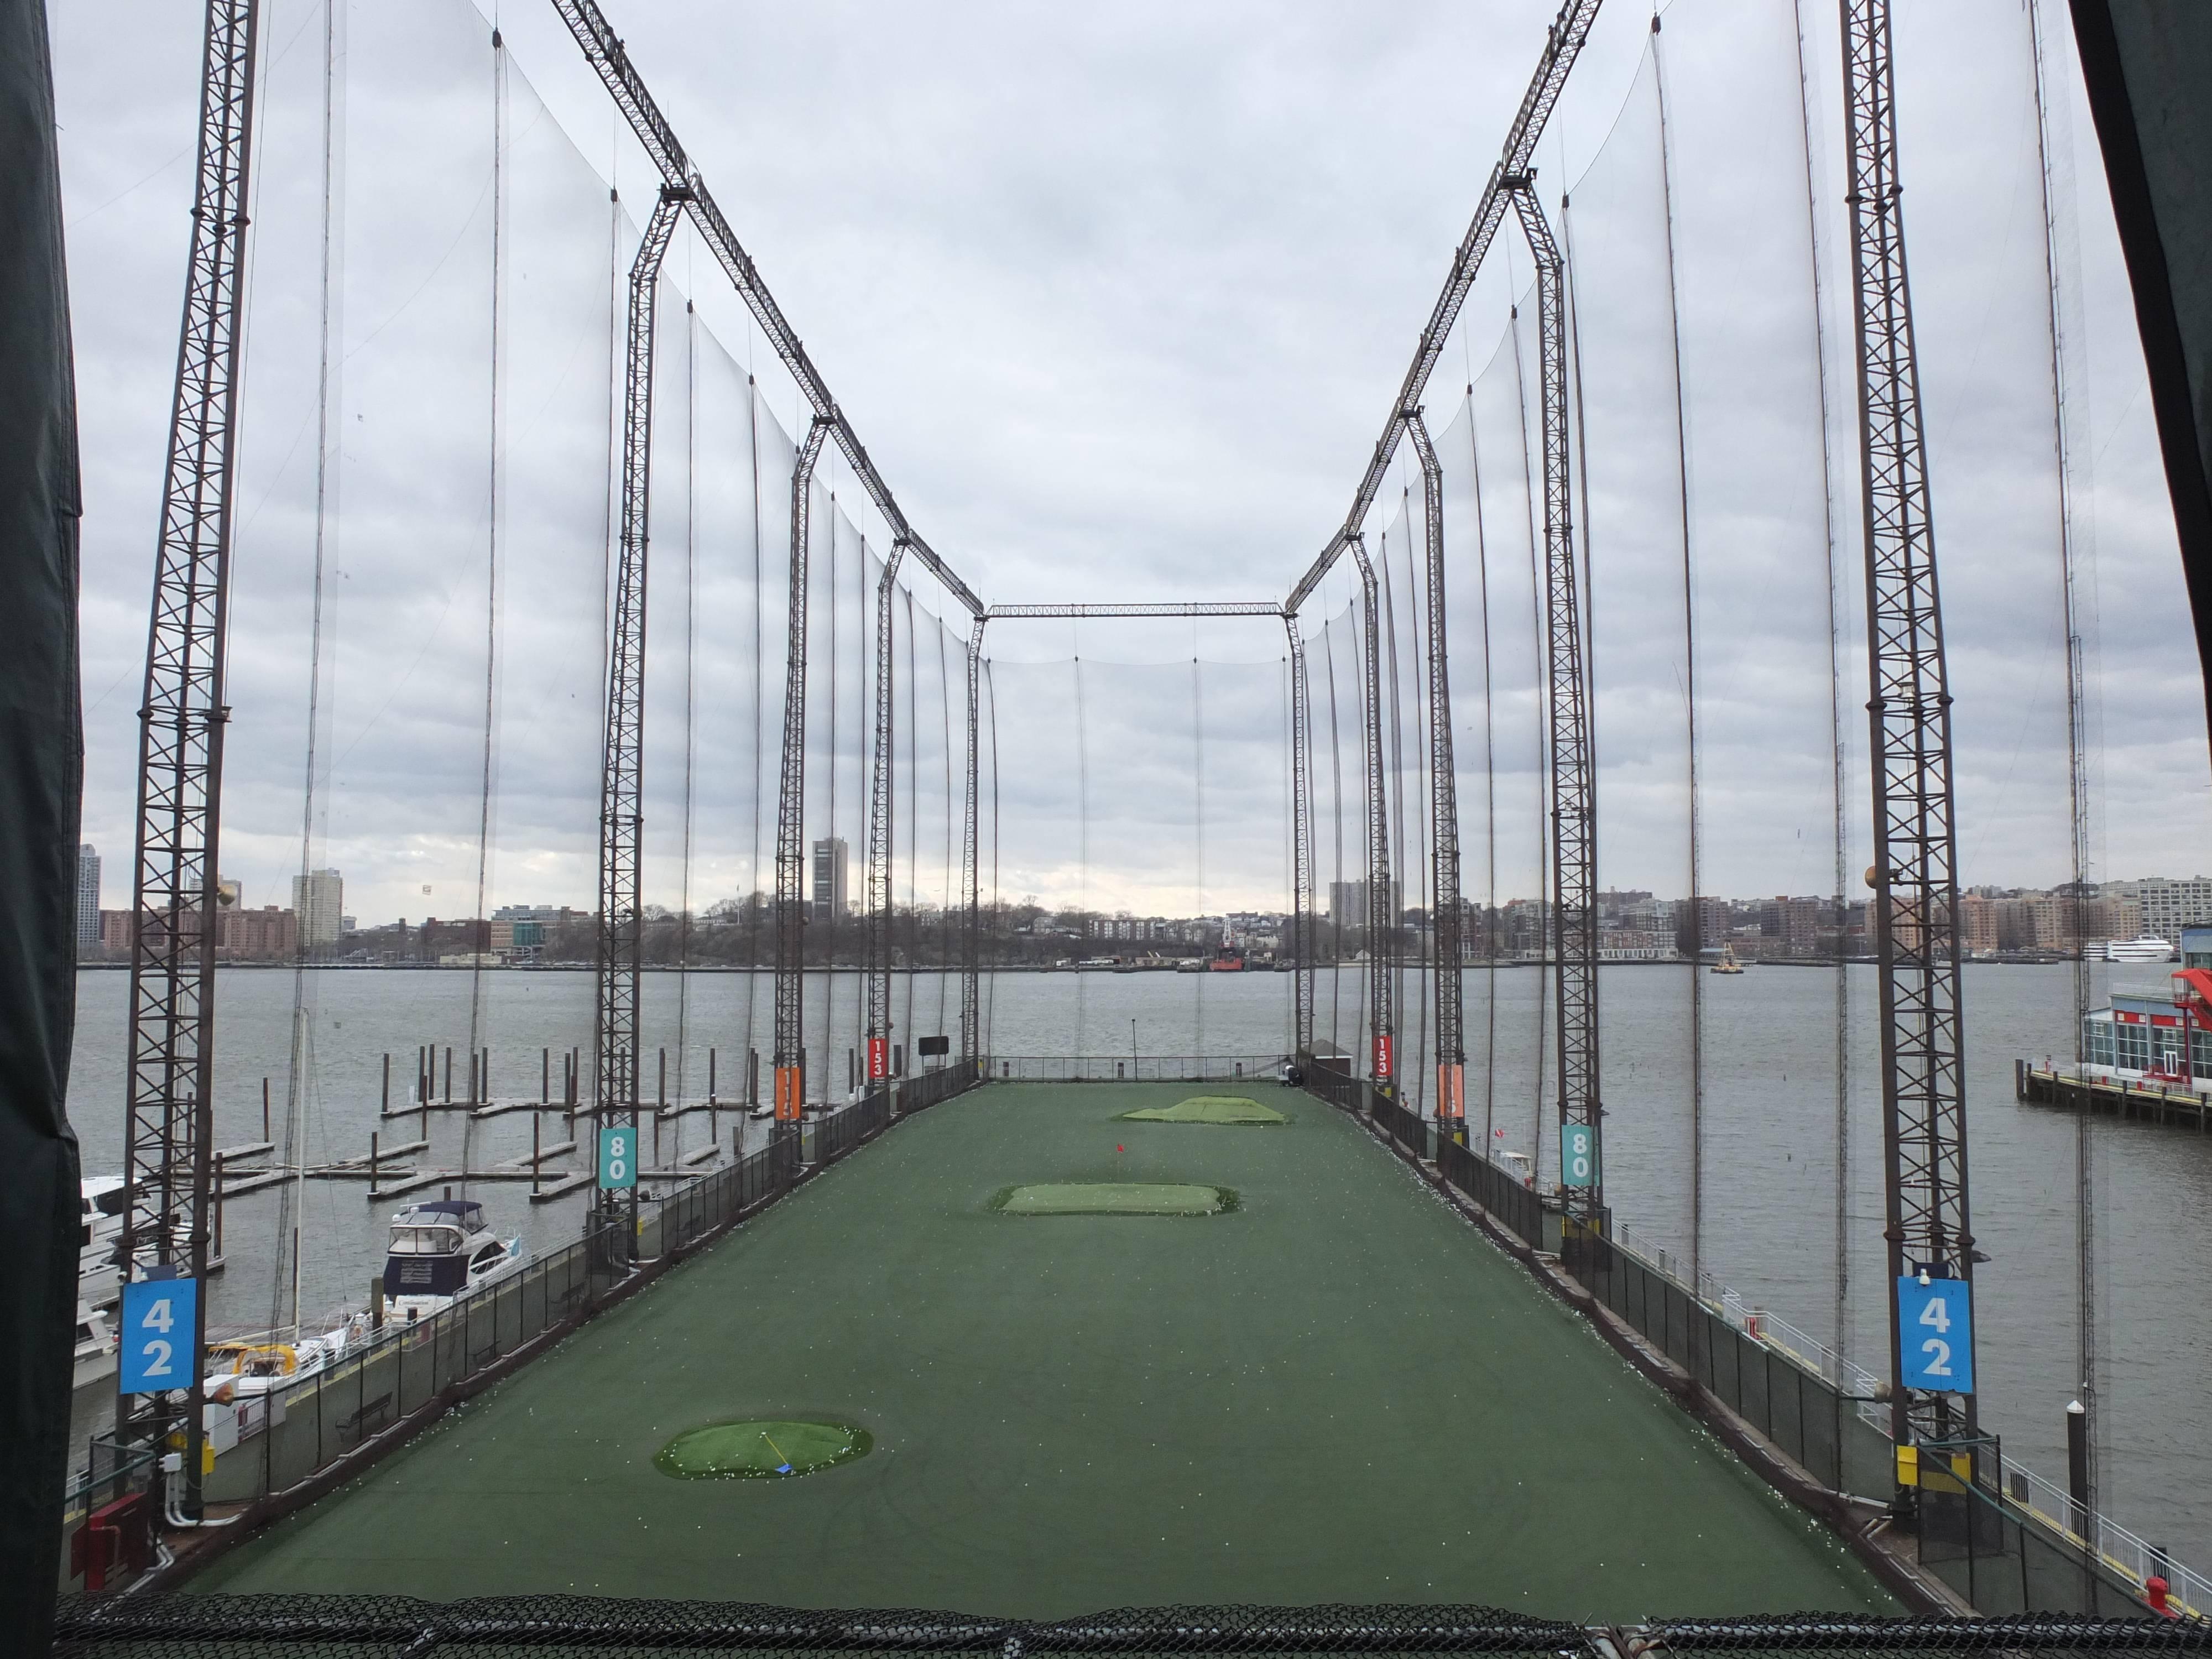 Photo 1: Faire un practice à New York, face à l'Hudson River